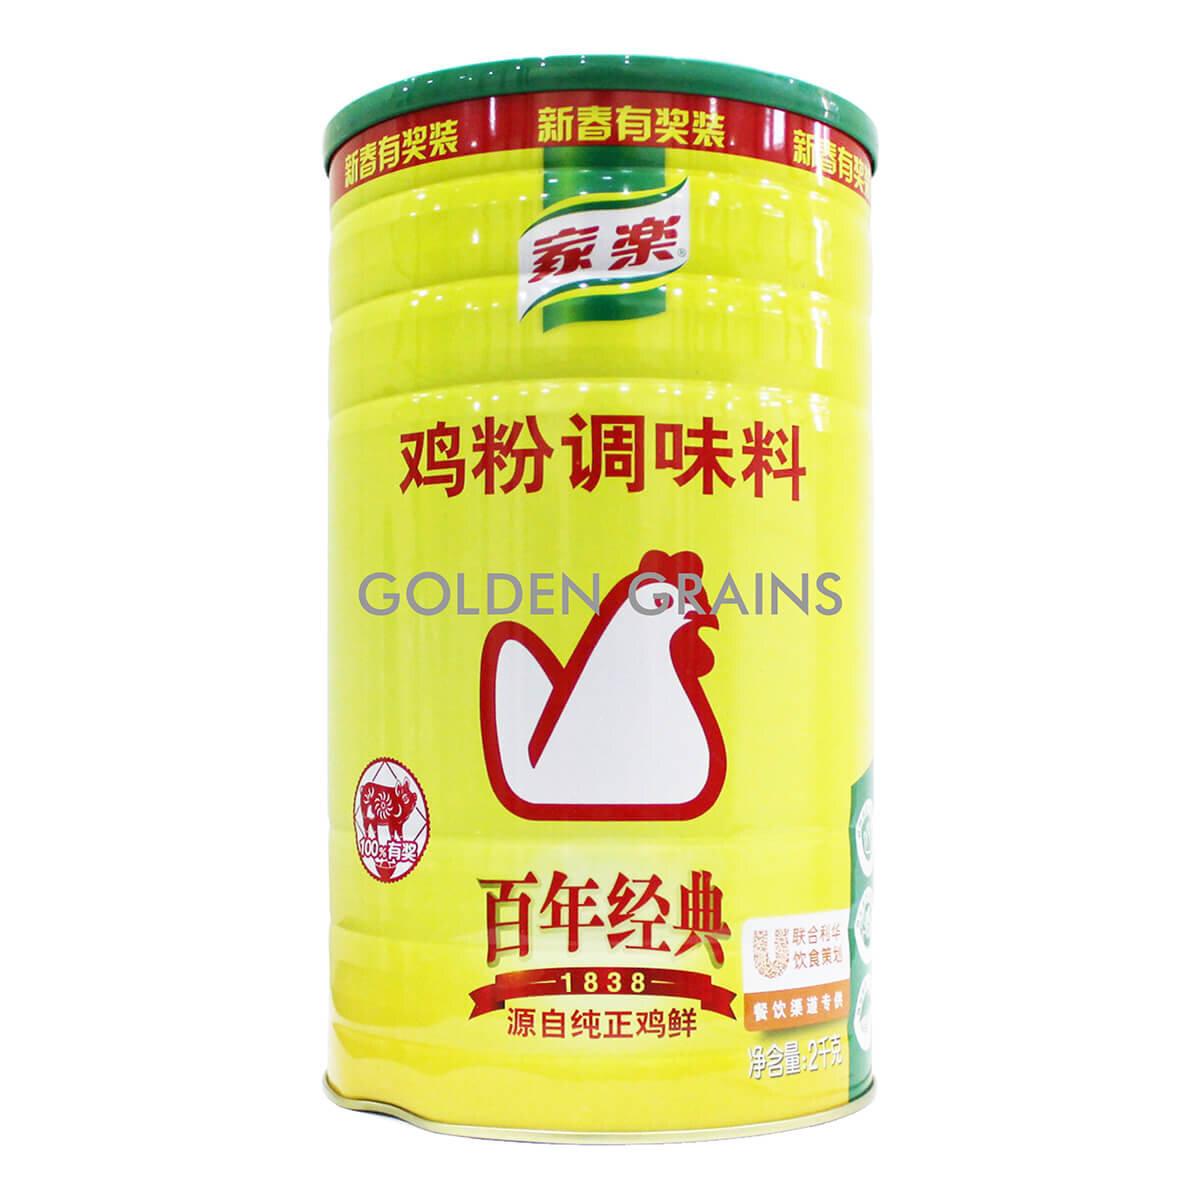 Golden Grains Knorr - Chicken Powder - Front.jpg